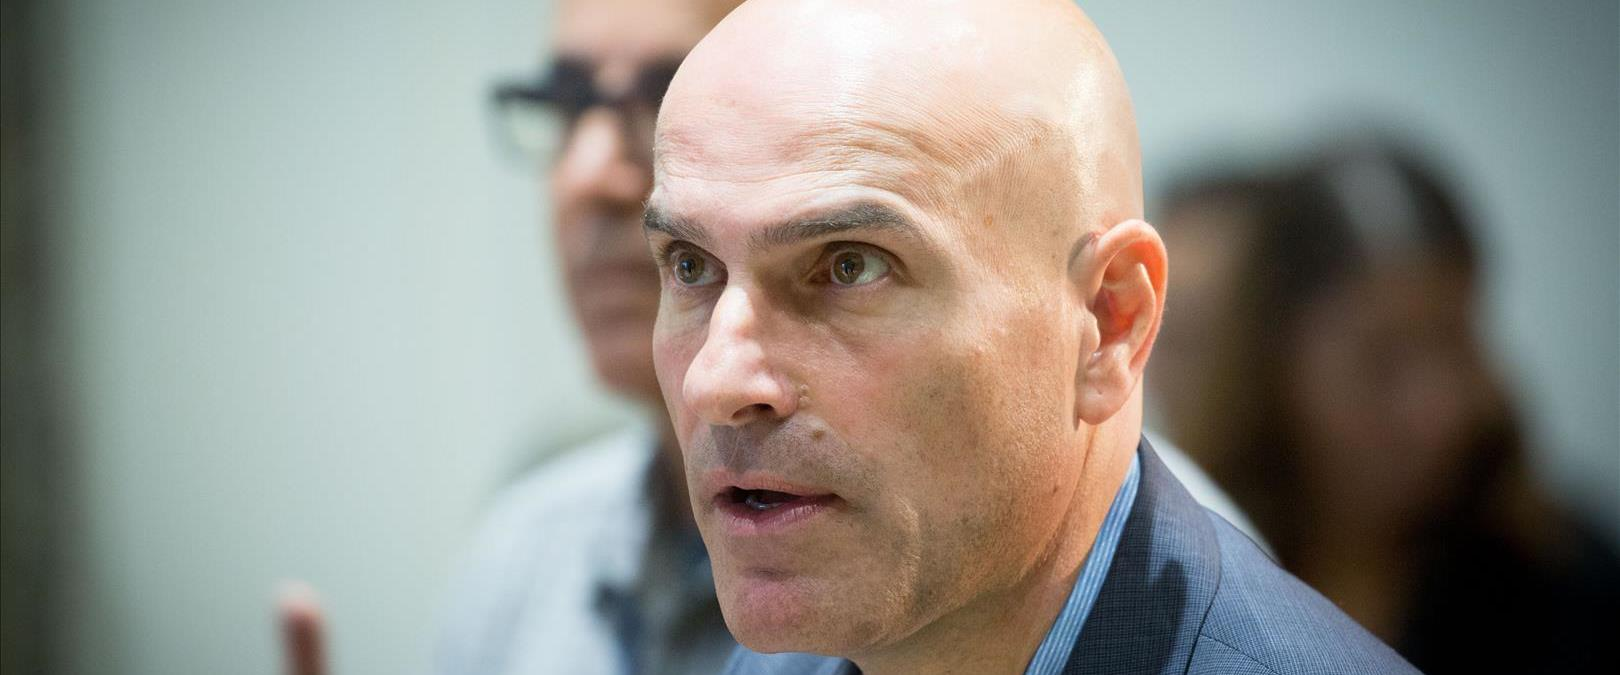 """יו""""ר לשכת עורכי הדין לשעבר אפי נוה, אוקטובר 2017"""